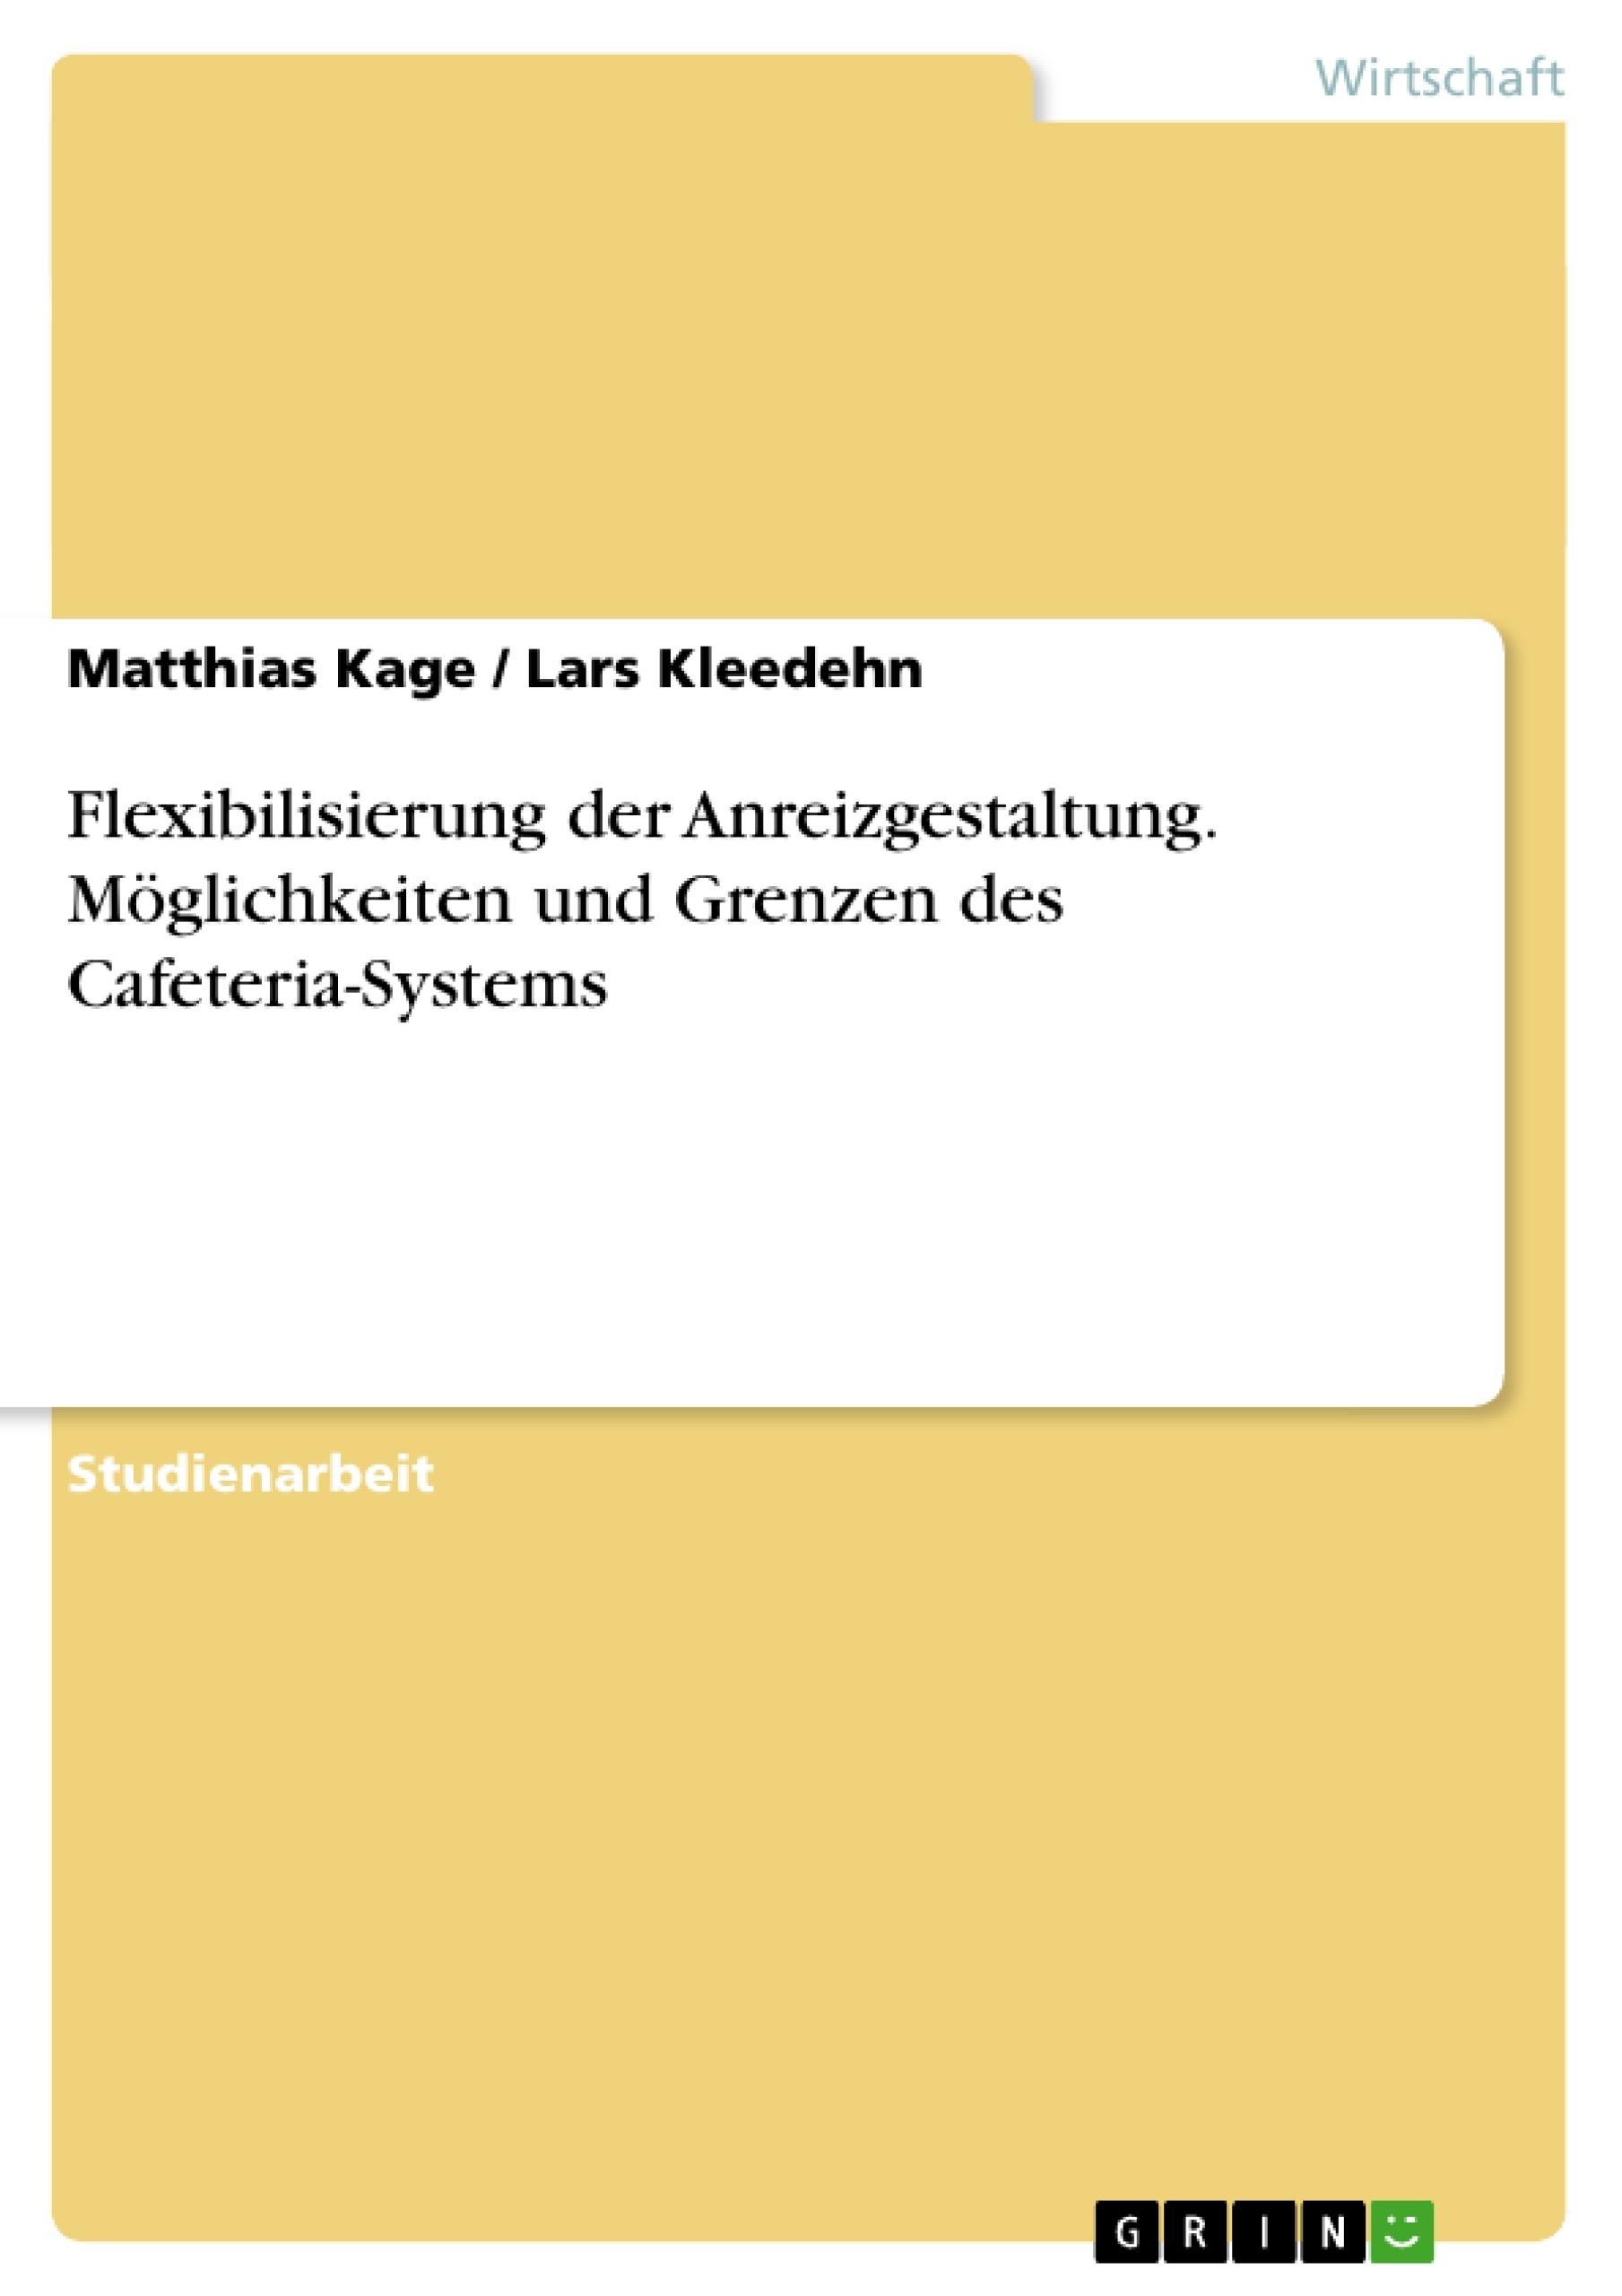 Titel: Flexibilisierung der Anreizgestaltung. Möglichkeiten und Grenzen des Cafeteria-Systems